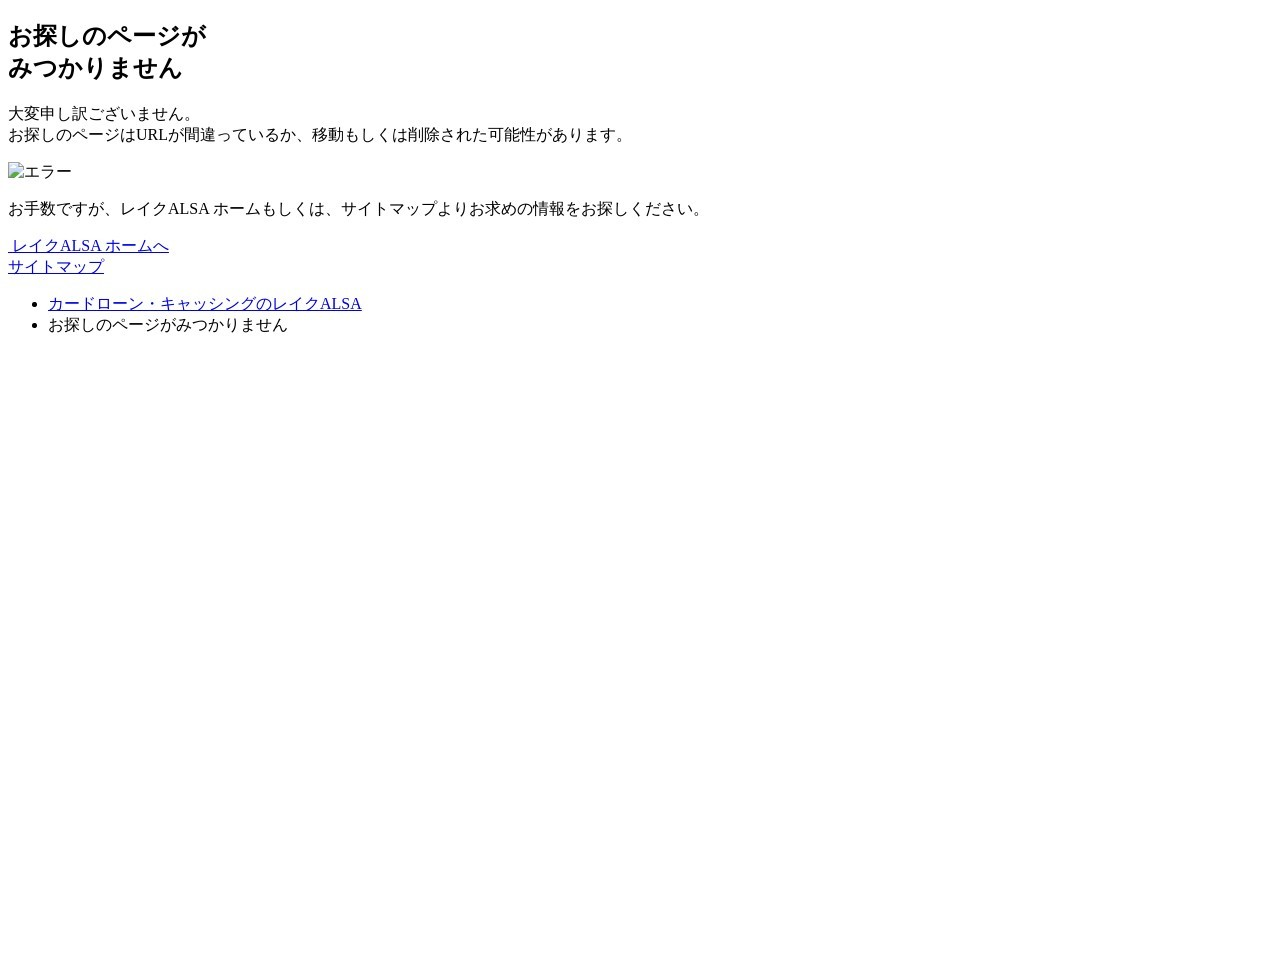 レイクALSA 64号江南自動契約コーナー岐阜県 レイクALSA